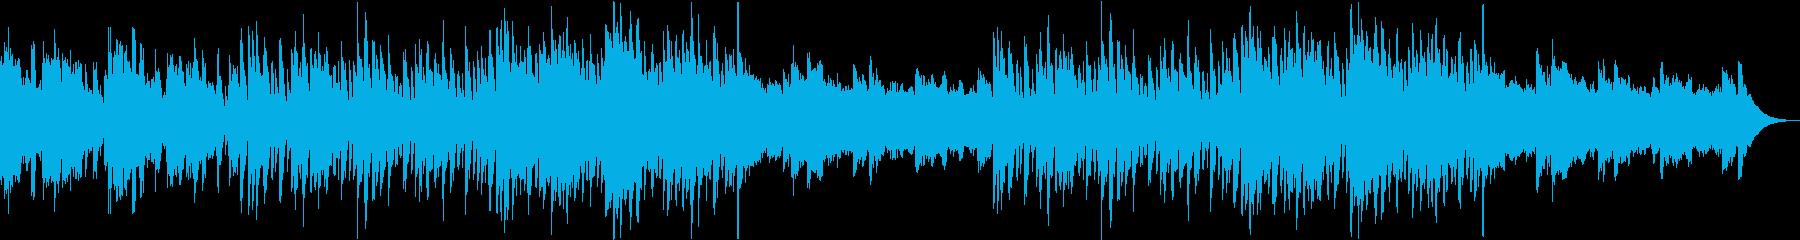 リバースシンバルなしの再生済みの波形